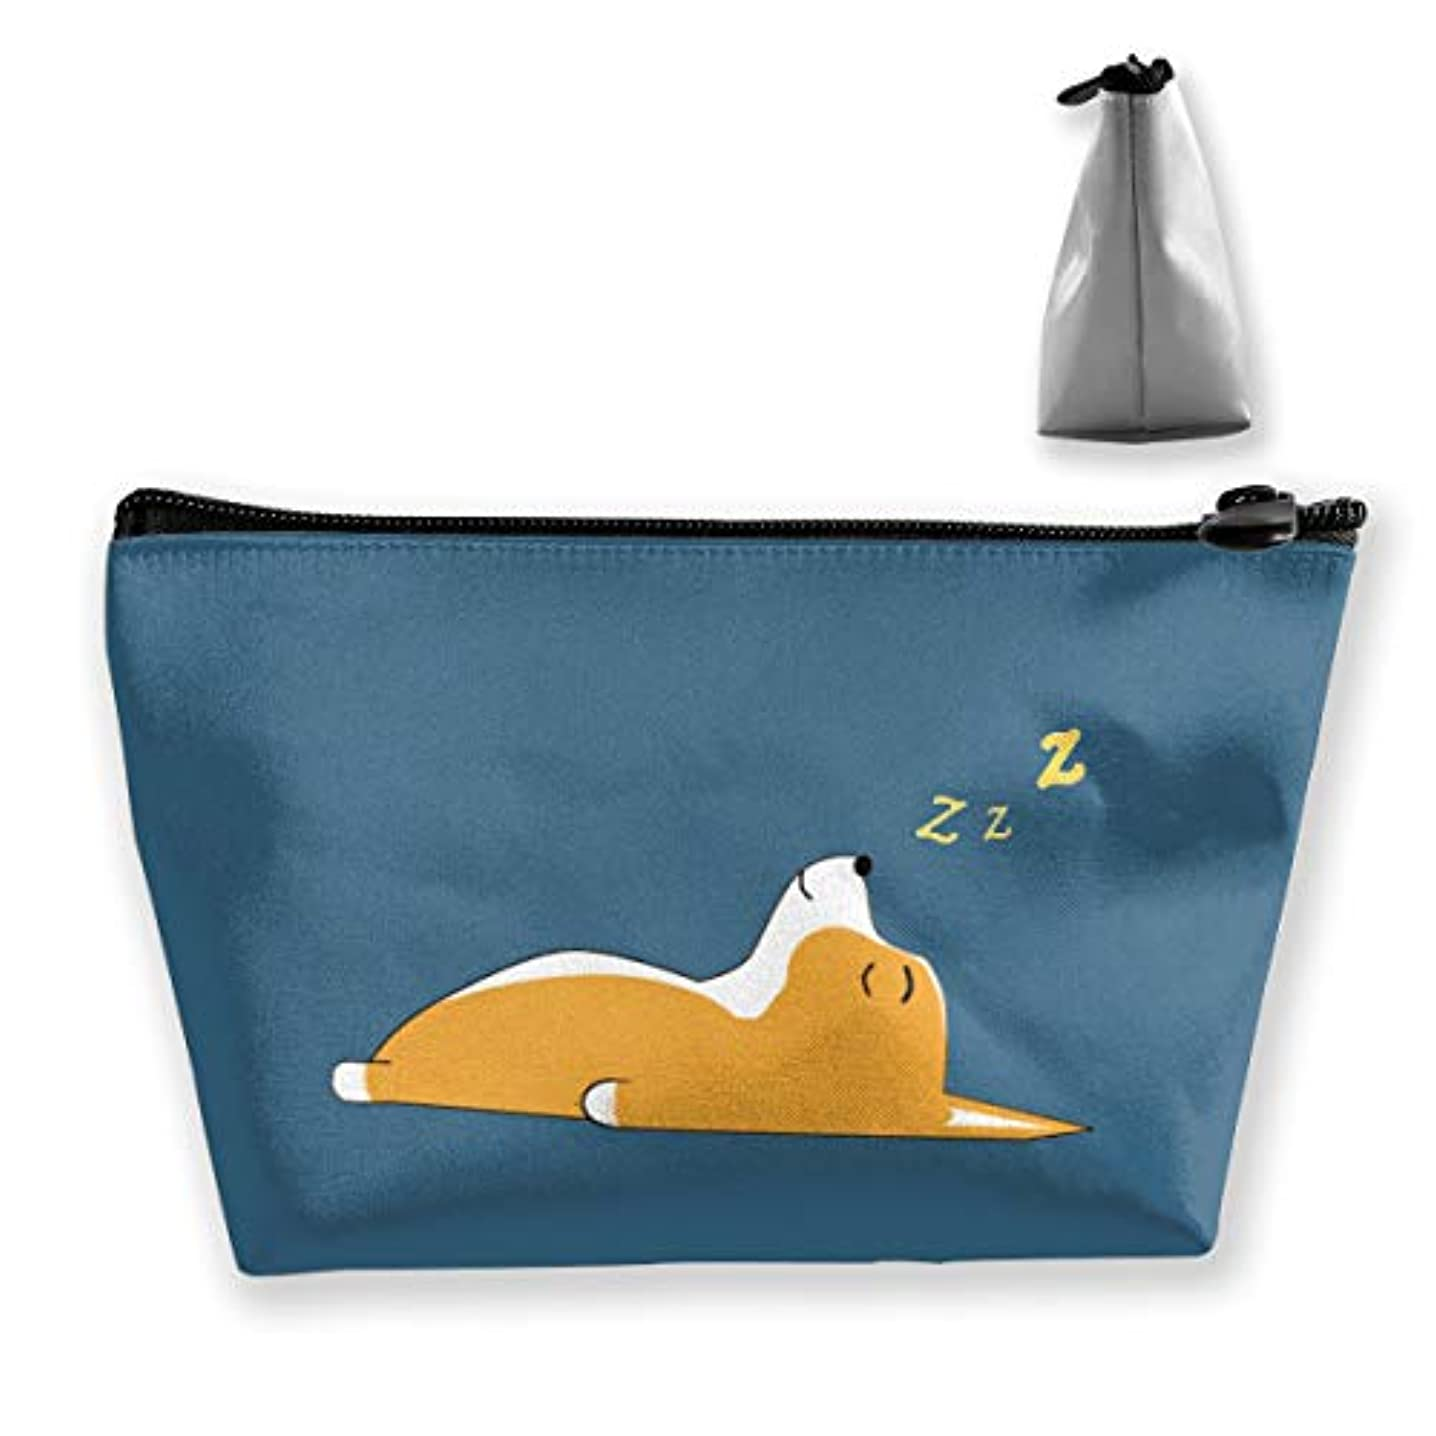 名誉息苦しいにコーギードリームス 収納ポーチ 化粧バッグ 大容量 台形 収納袋 小銭入れ 小物用ケース 携帯便利 防水 出張 旅行